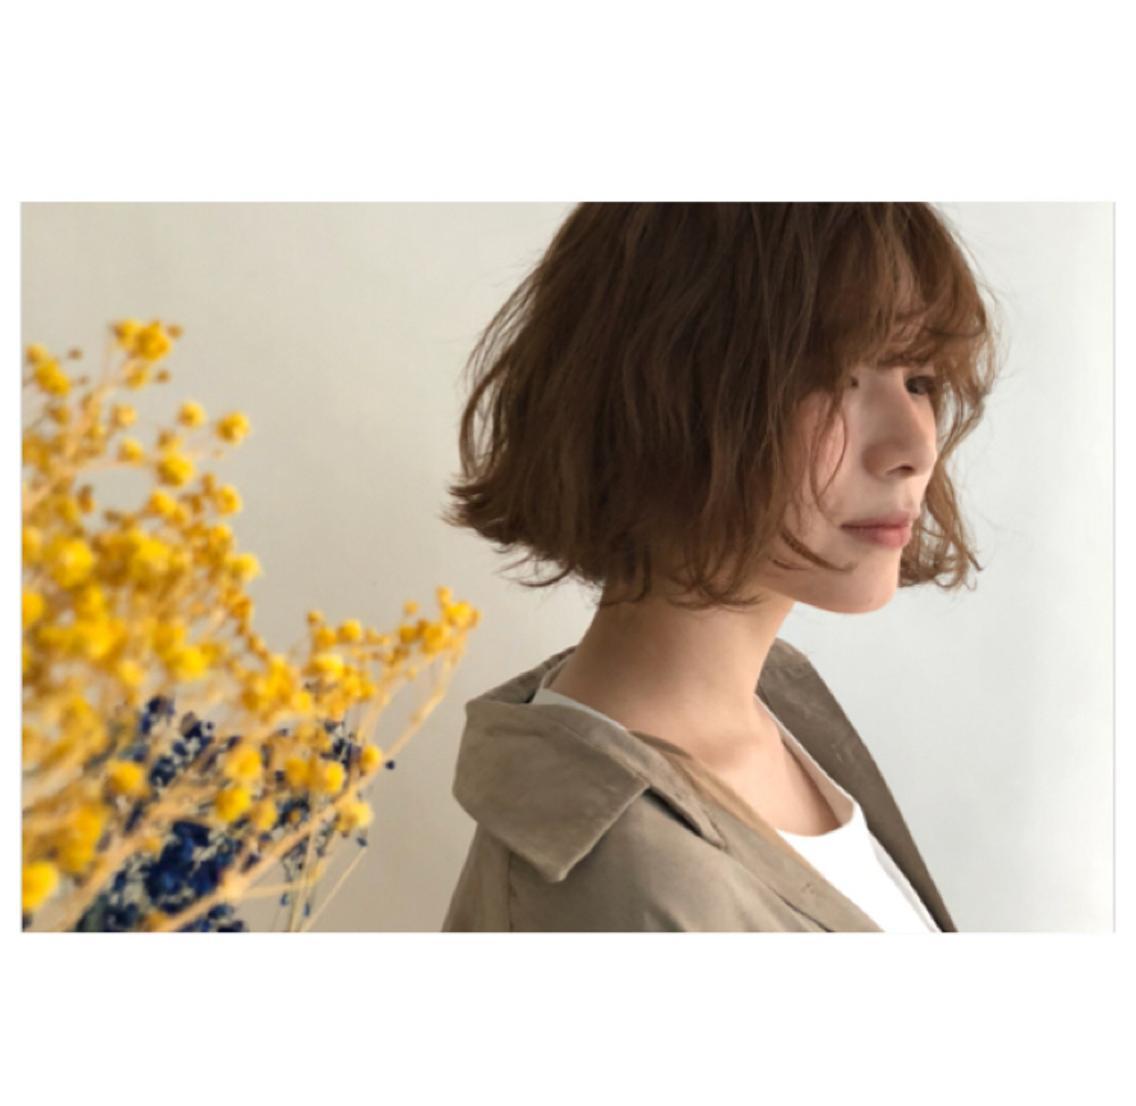 ✨当日予約OK✨人気女性美容師✨雑誌掲載サロン✨